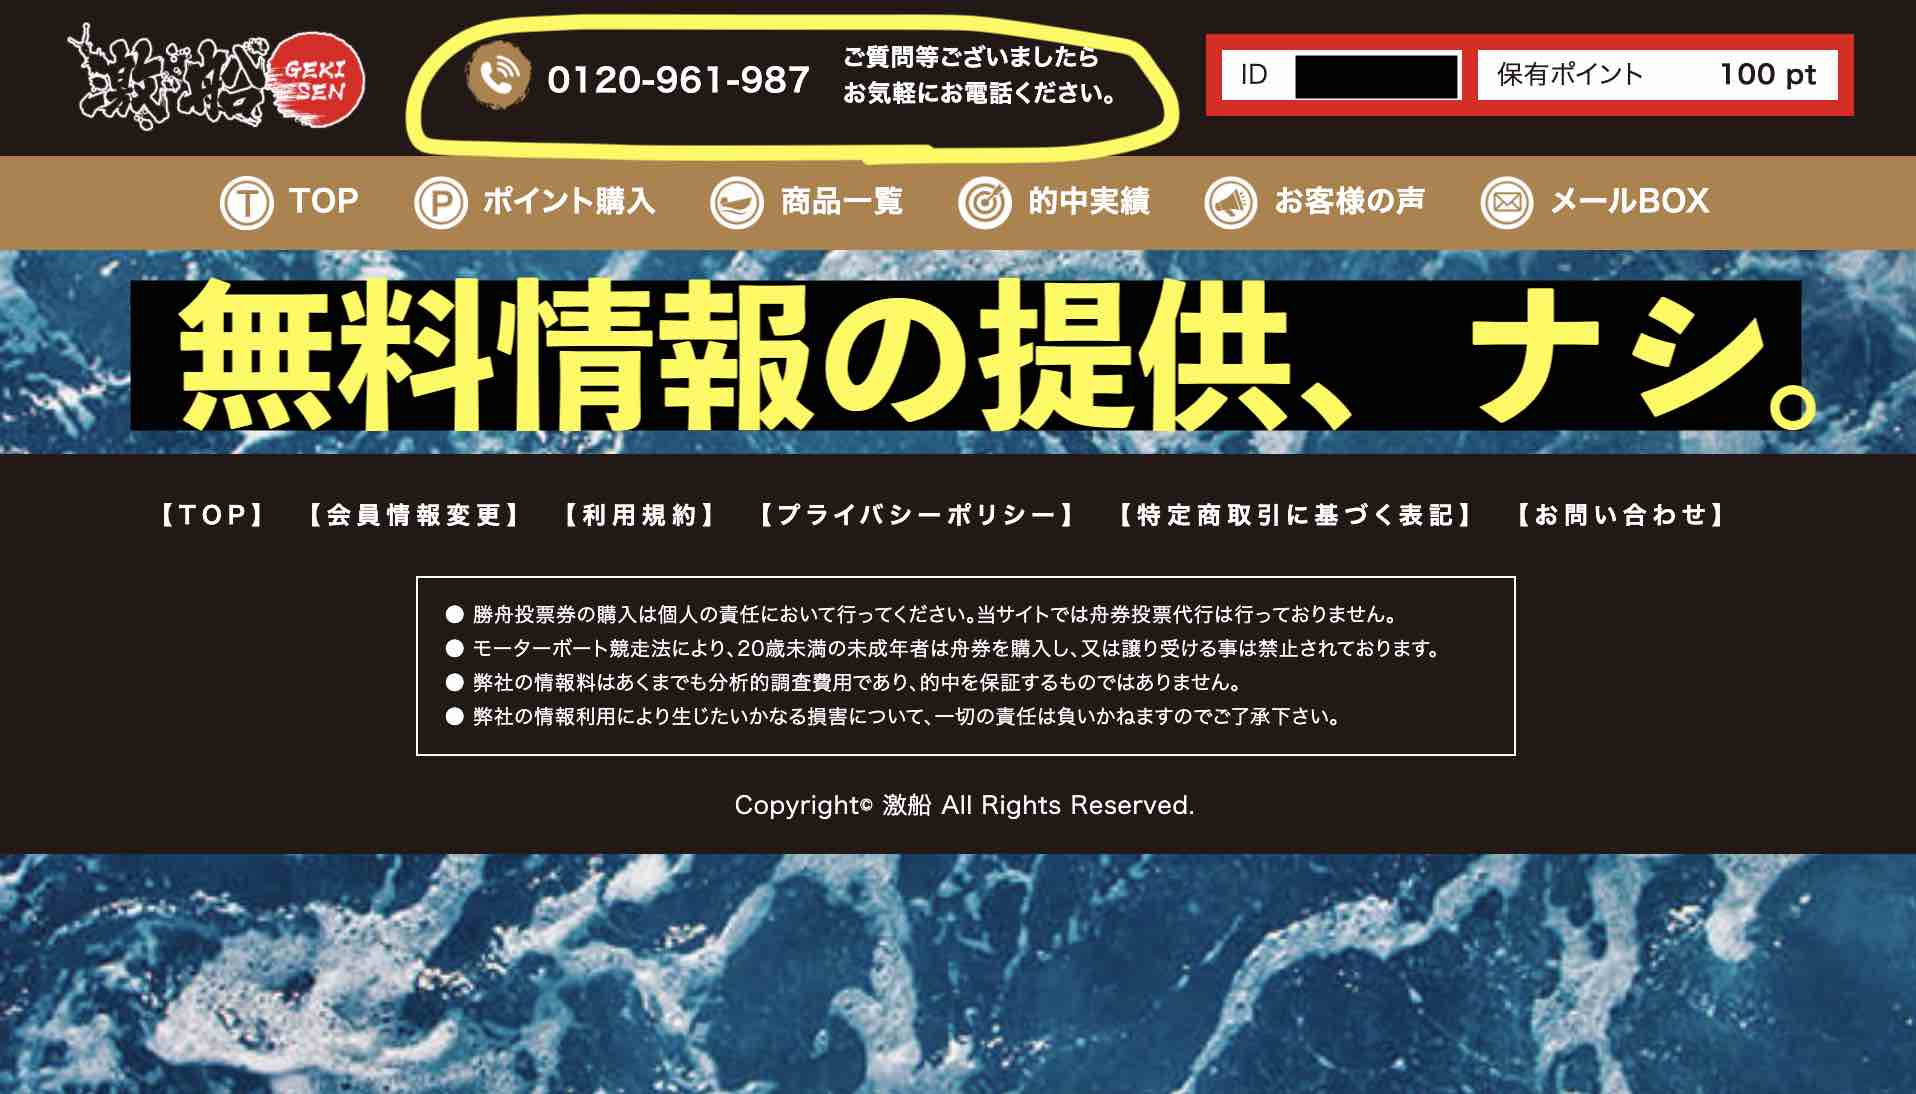 激船(GEKISEN)の無料情報(無料予想)の無料情報の提供もない